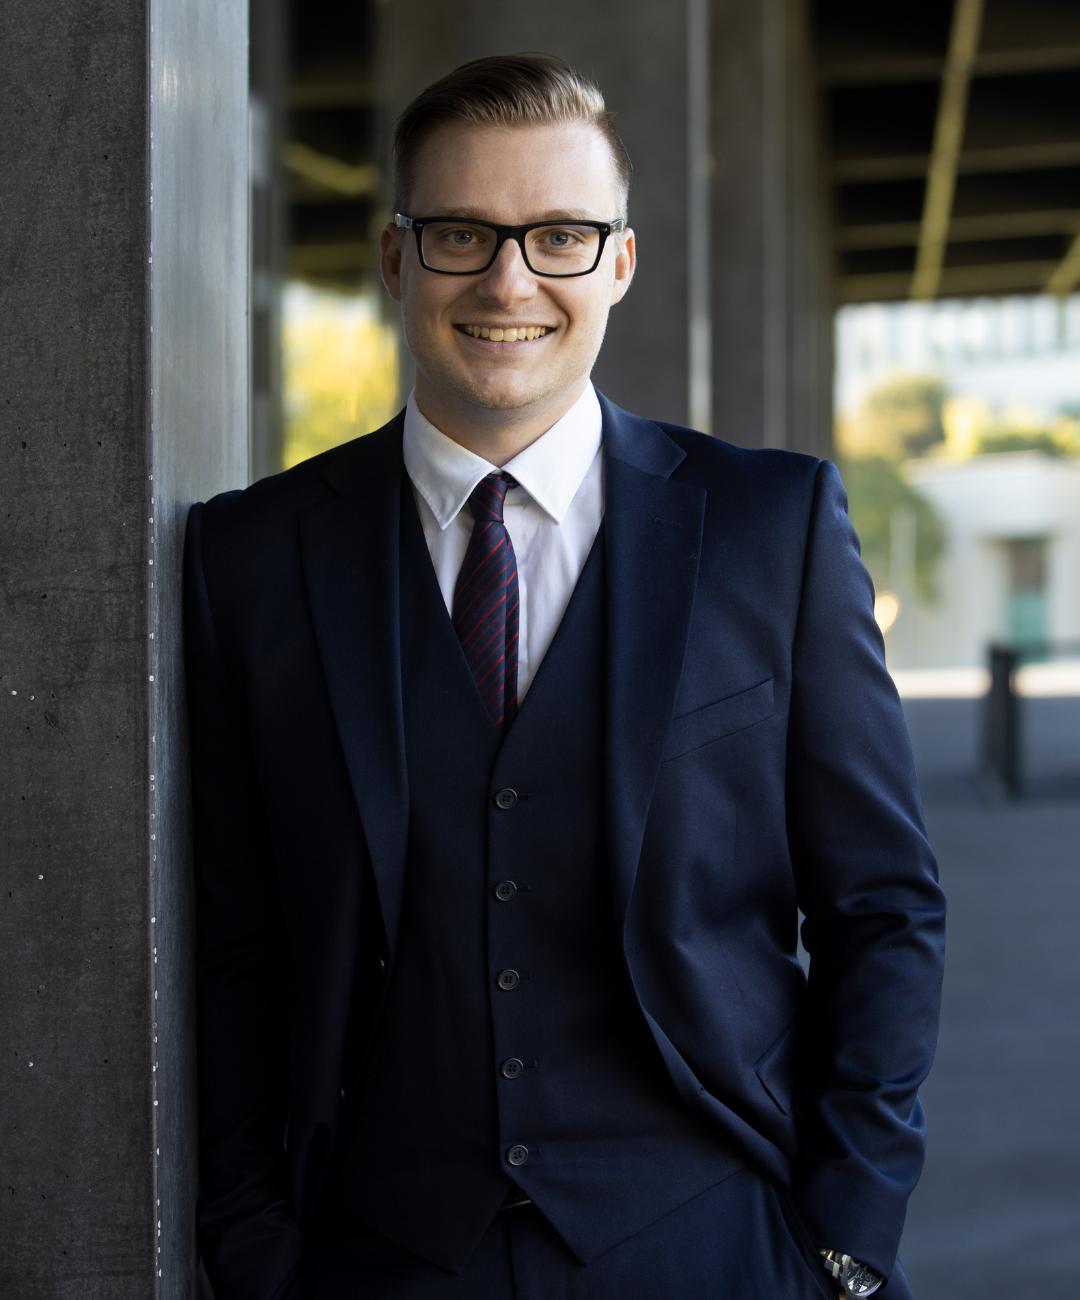 Florian Greinöcker